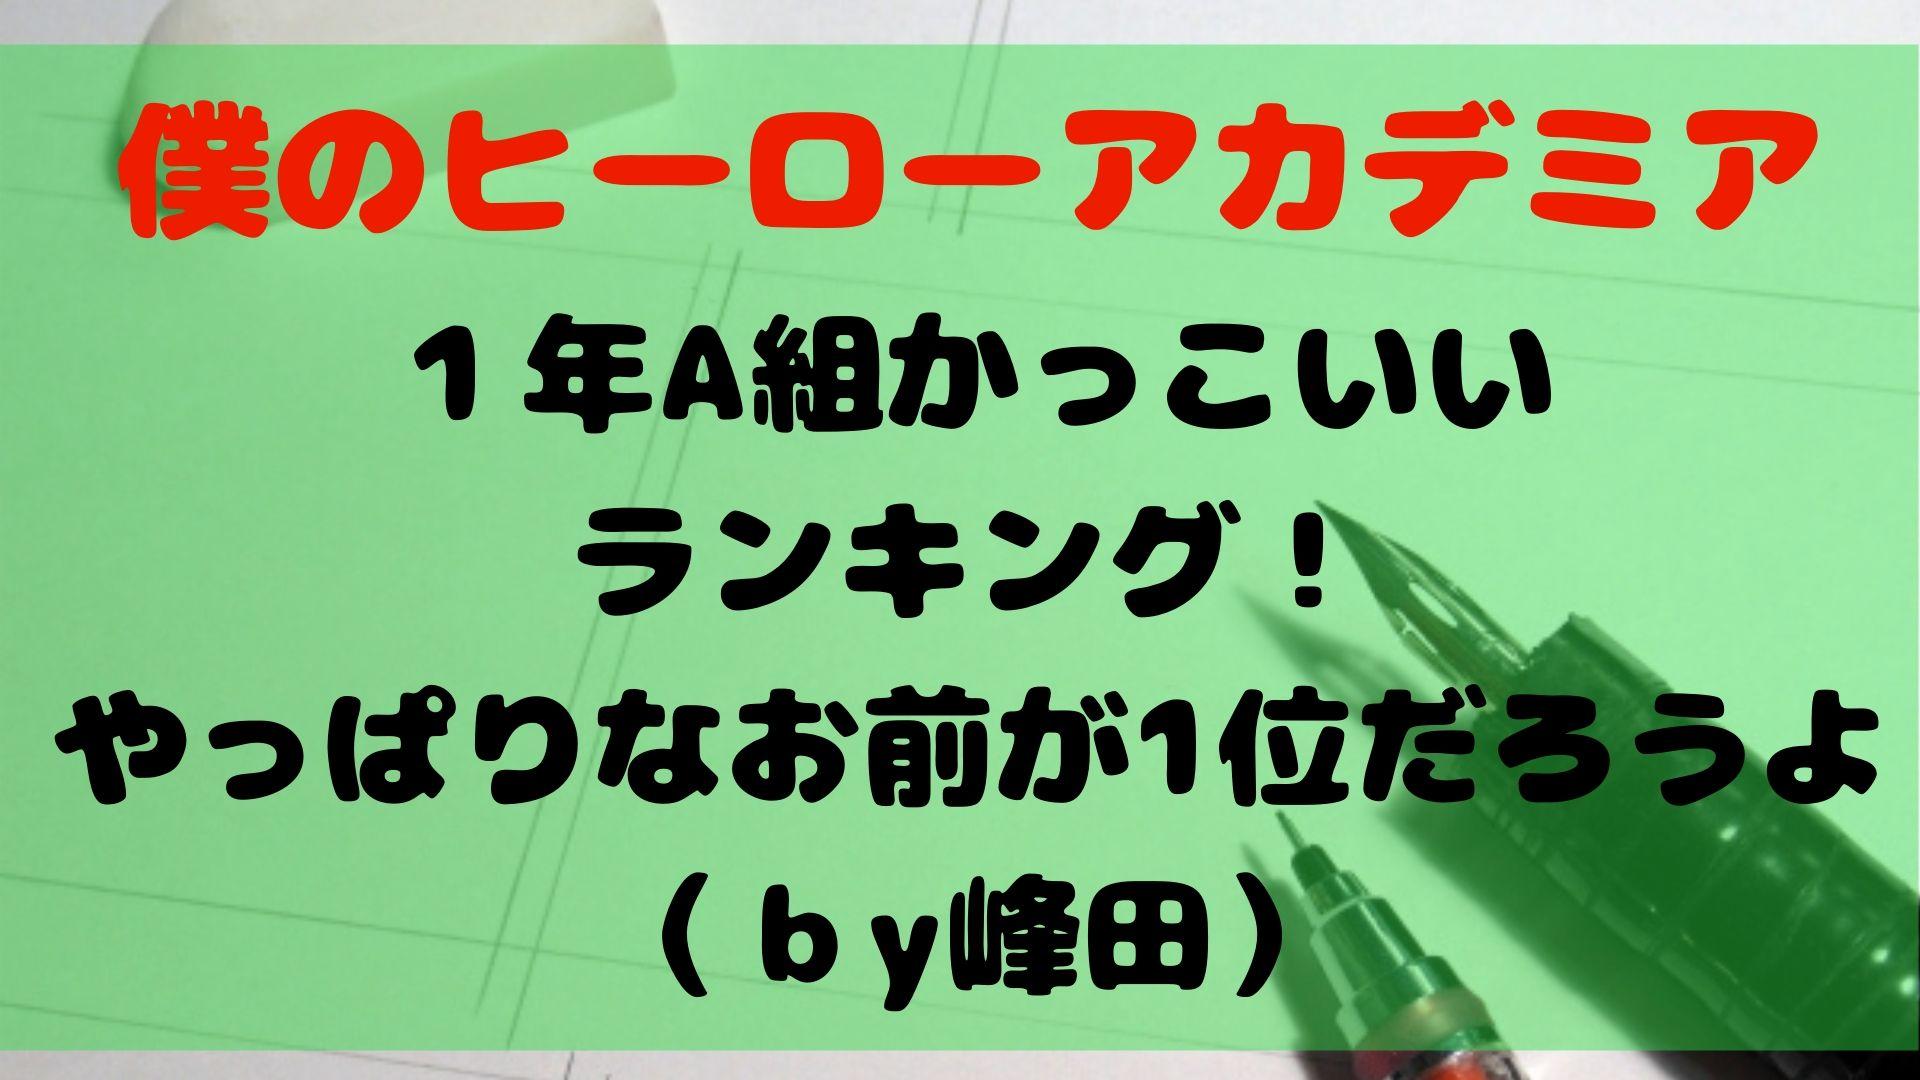 【ヒロアカ】1年A組のかっこいいランキング!やっぱりなお前が1位だろうよ(by峰田)